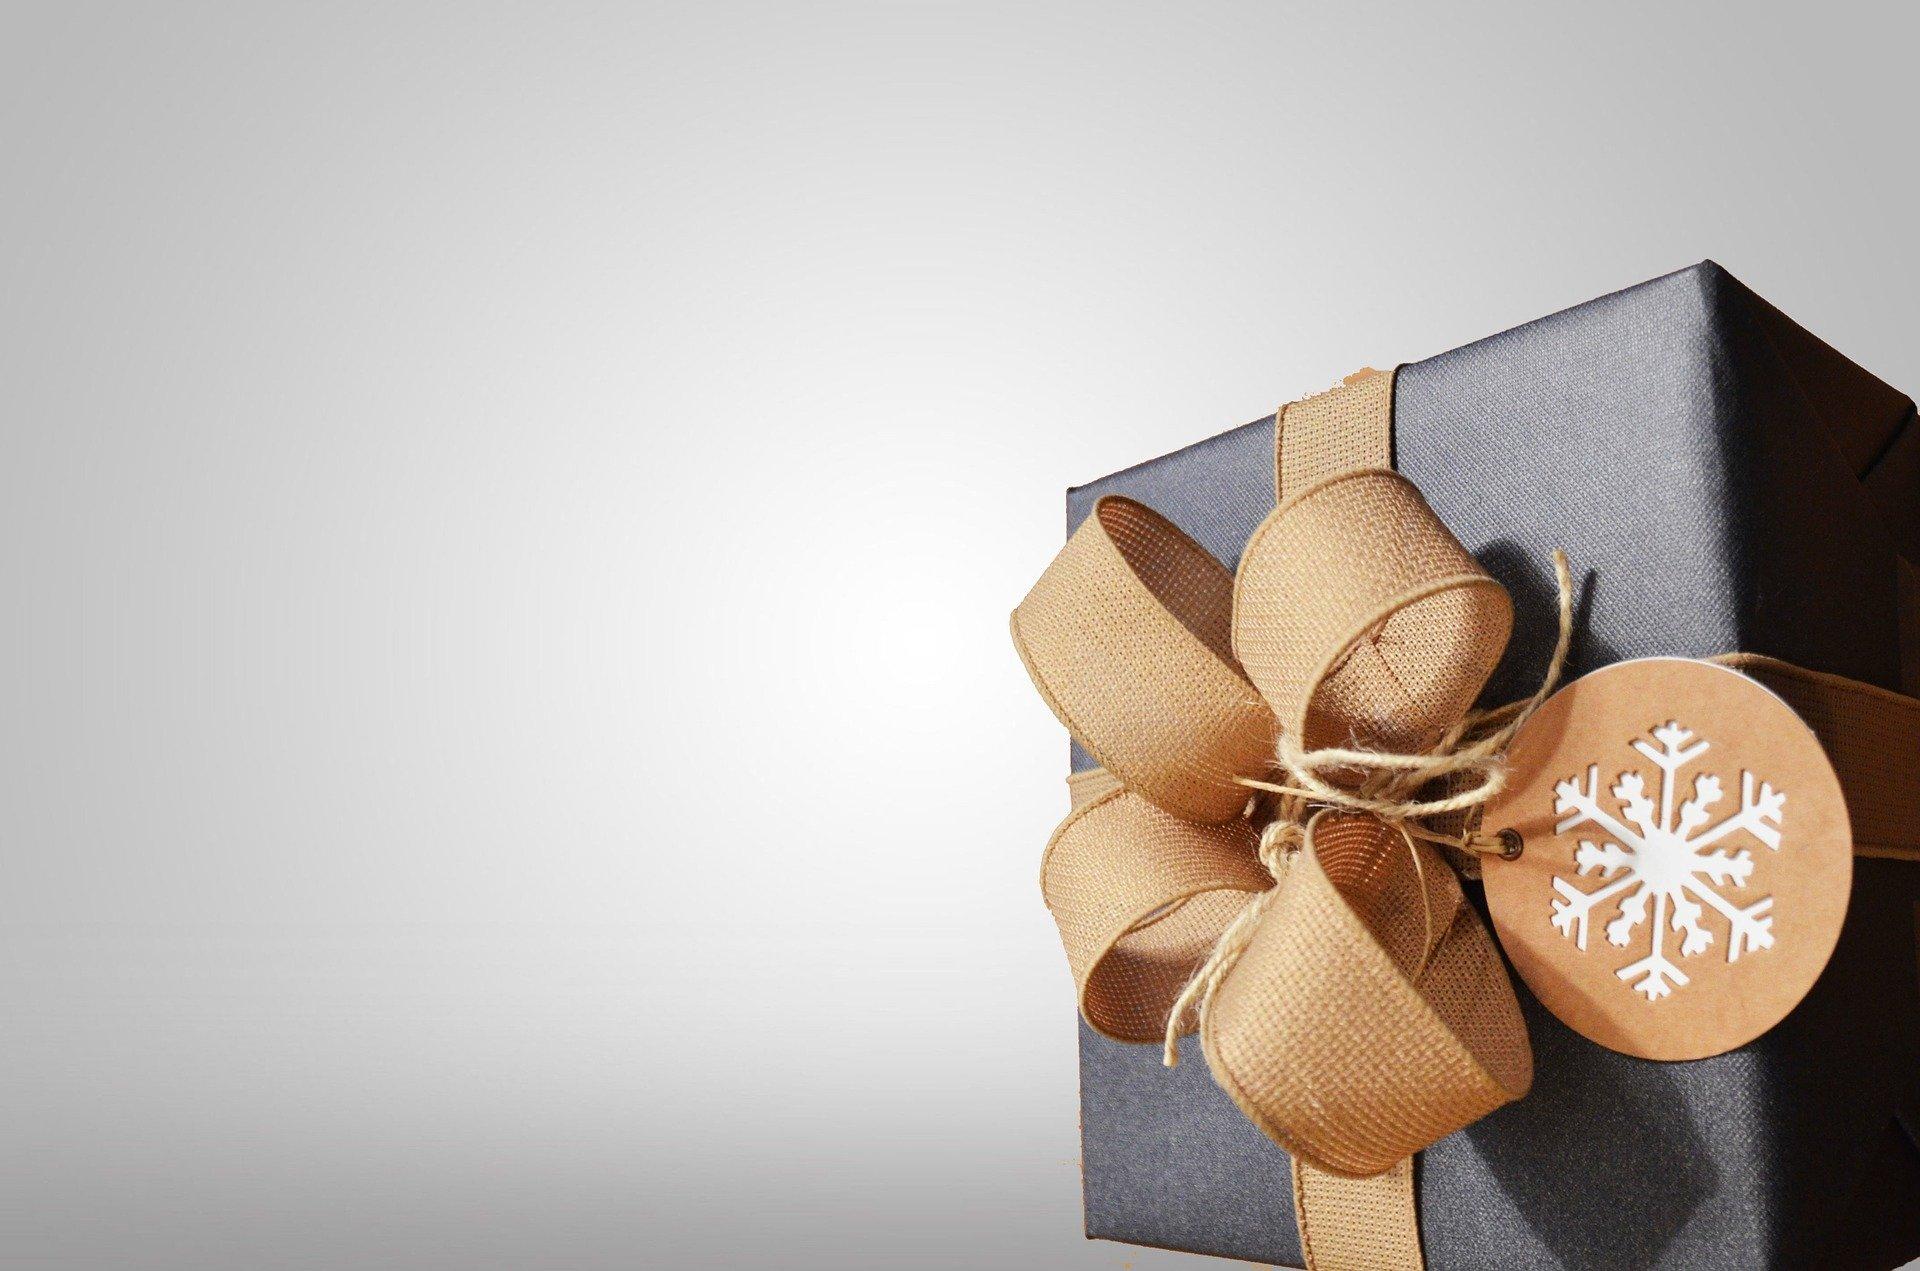 dárek s věnováním